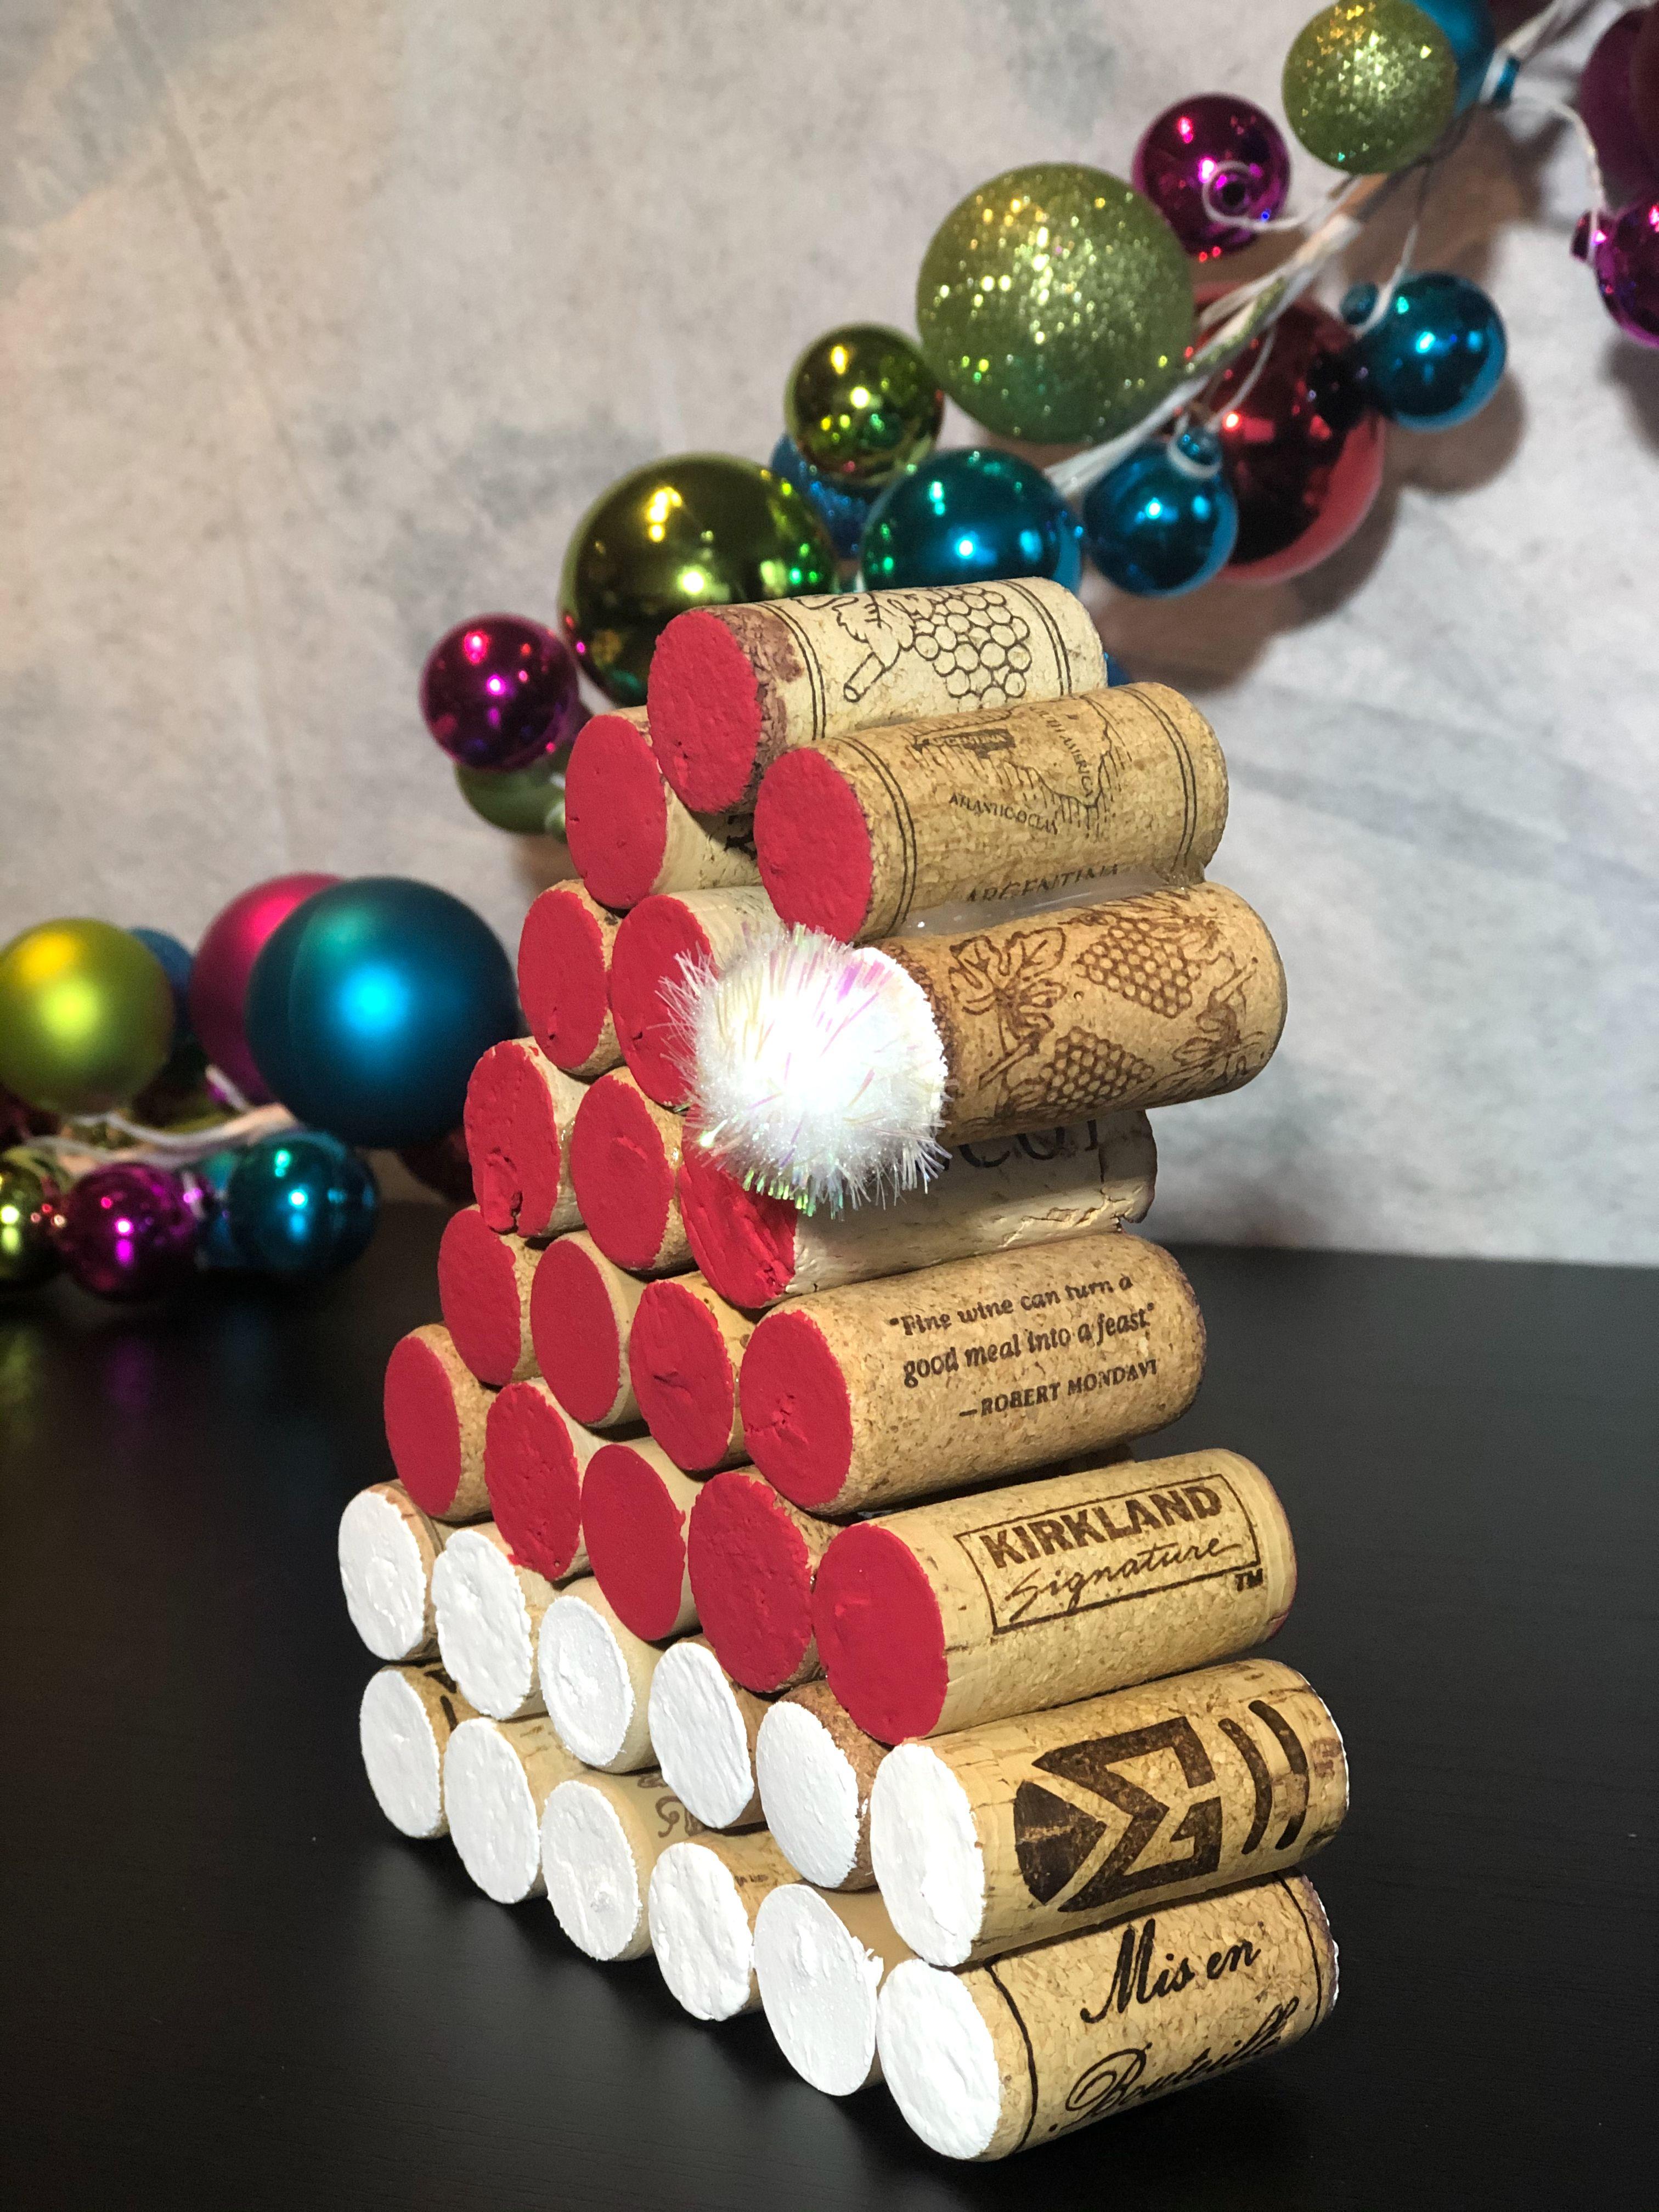 Wine Cork Santa Hat In 2020 Wine Cork Crafts Christmas Wine Cork Christmas Tree Cork Crafts Christmas